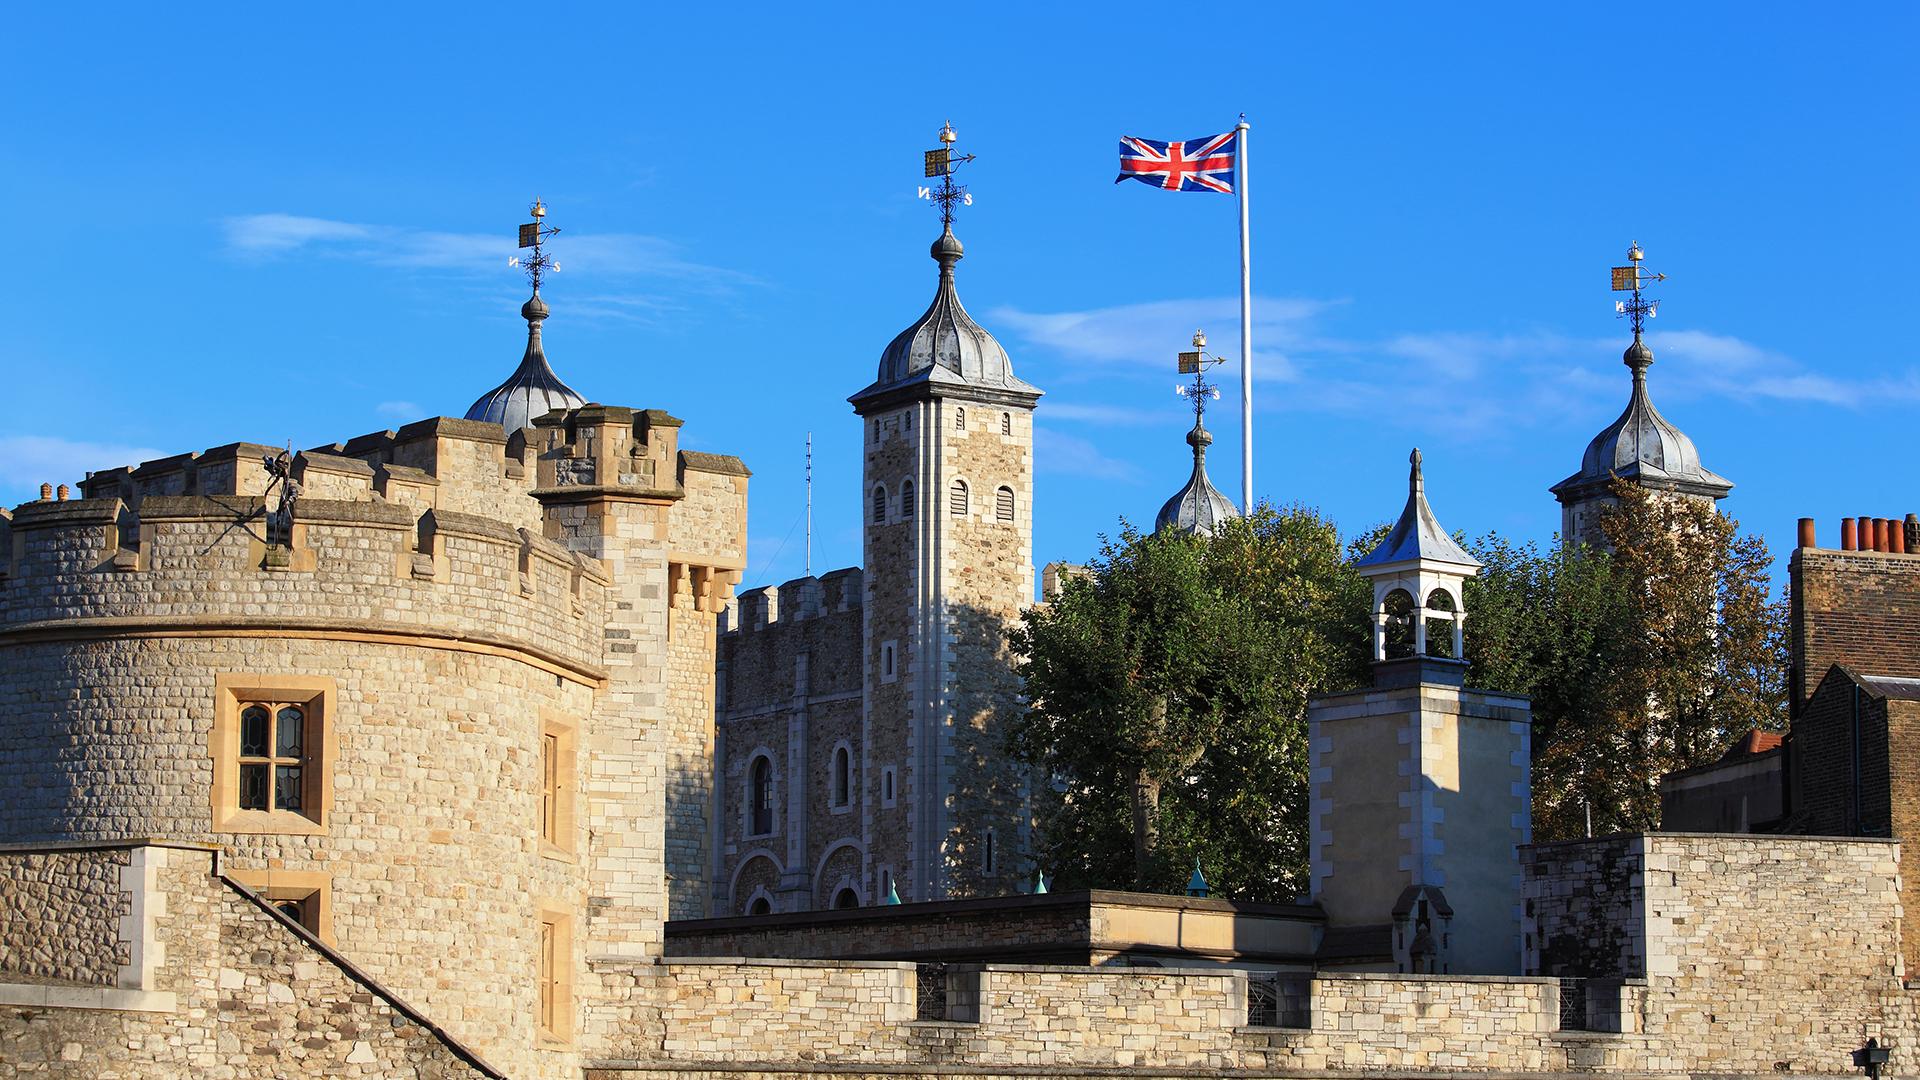 Las torres albergaron durante siglos a prisioneros, entre ellos figuras importantes de la historia (Getty Images)